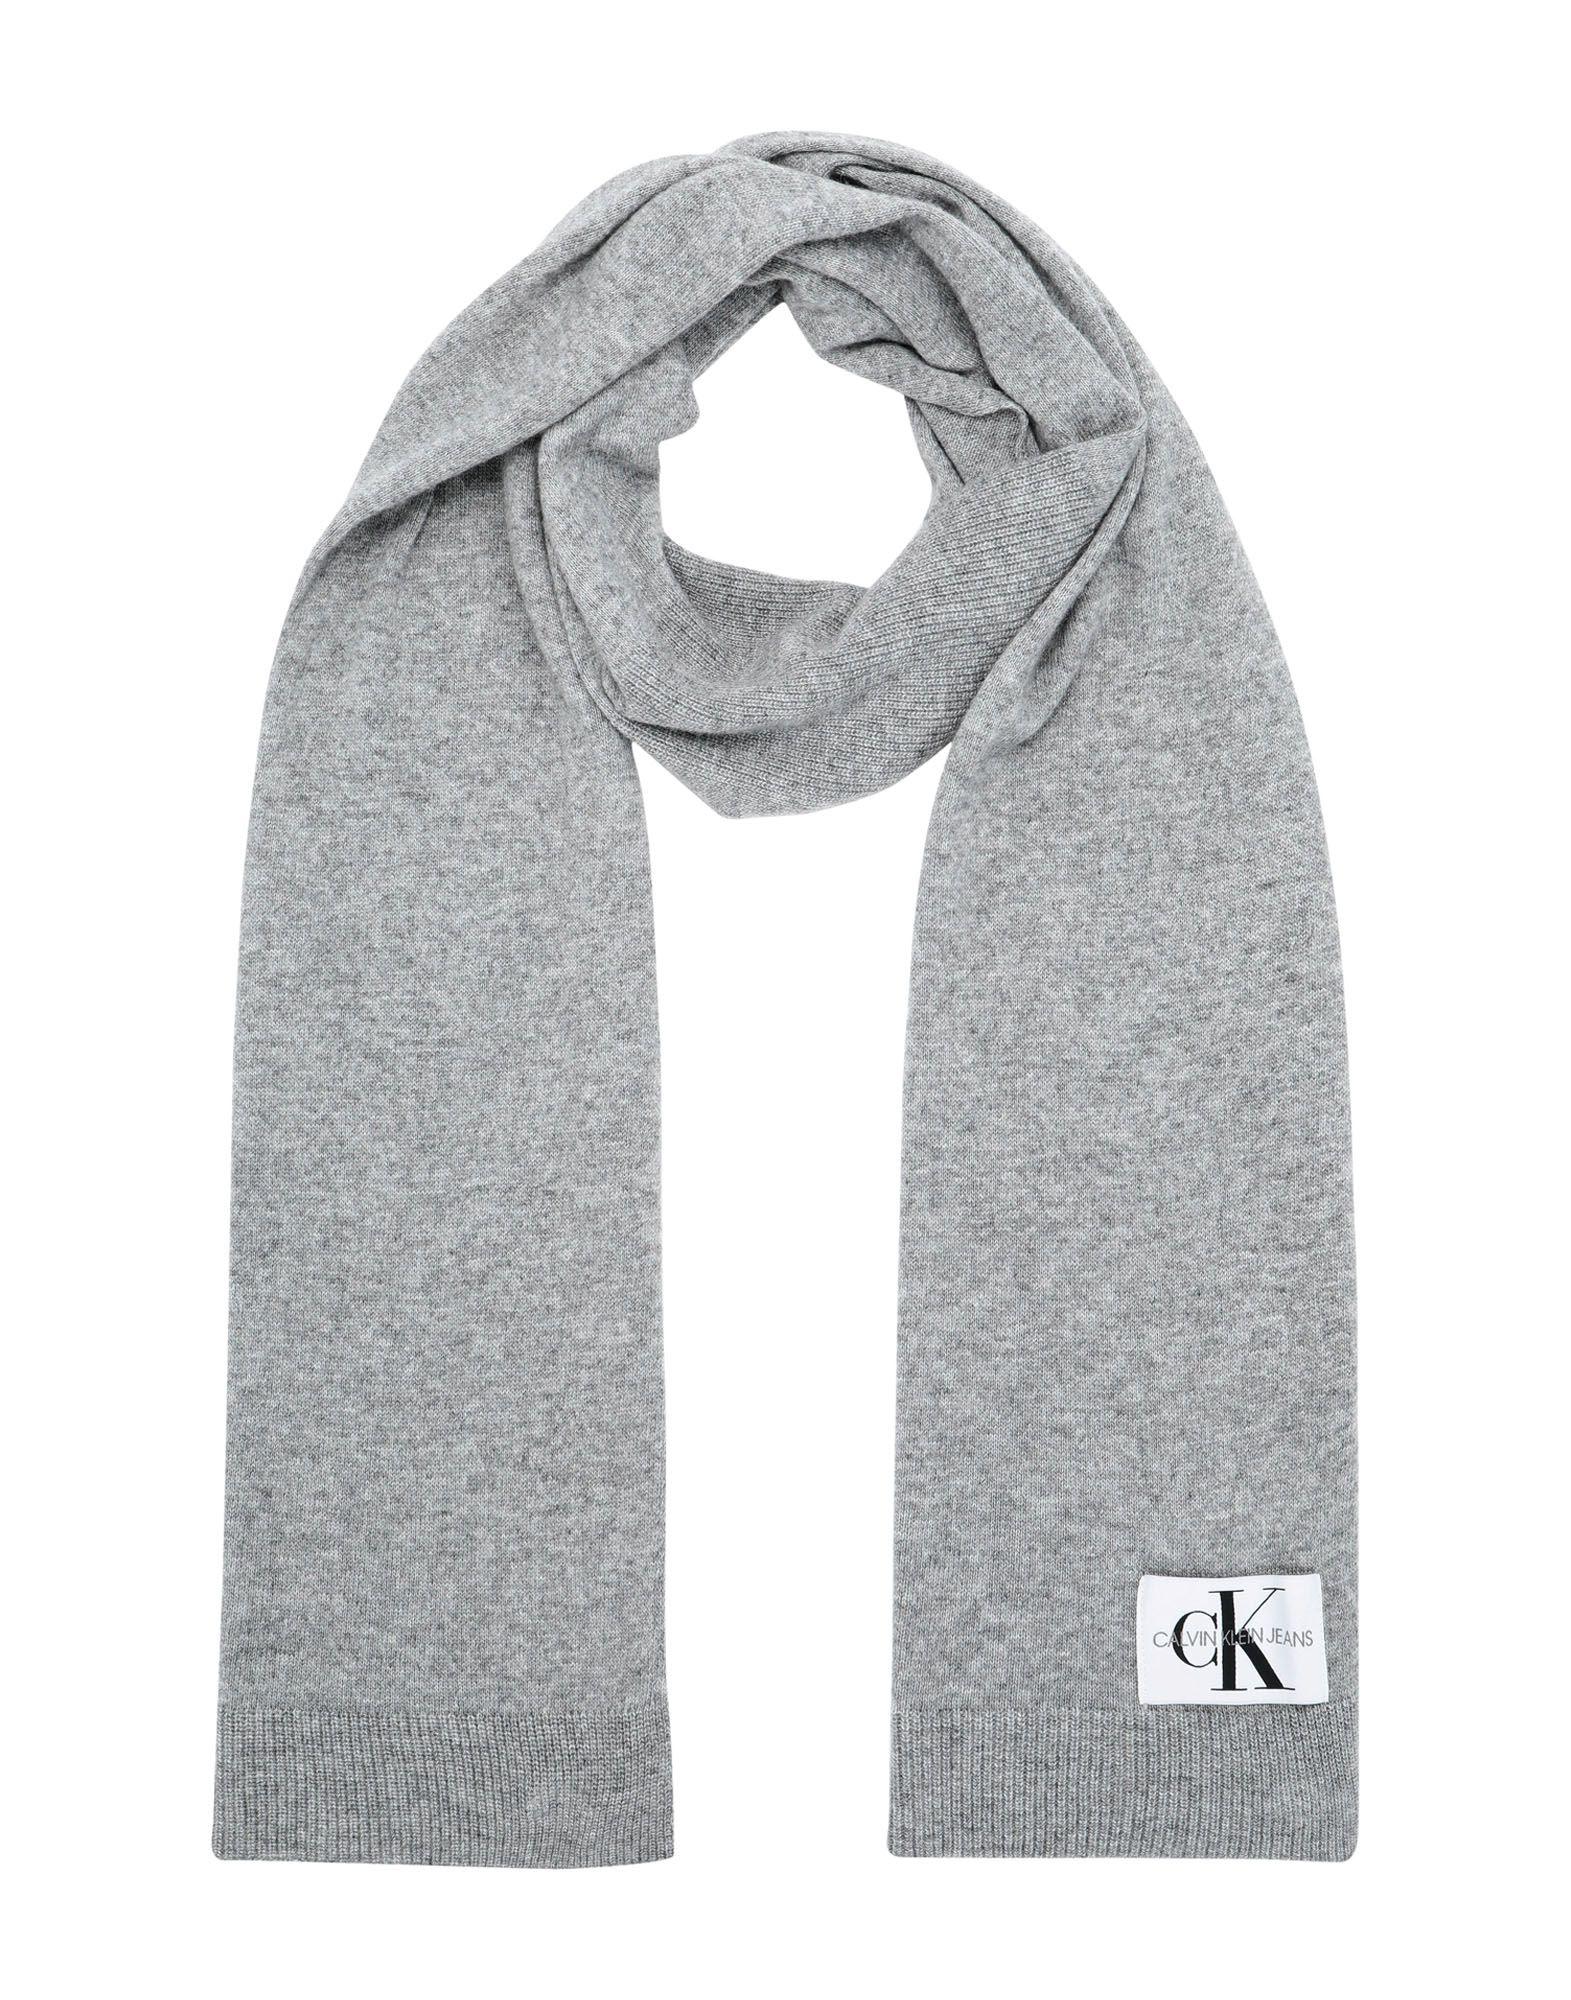 e5e3287bc12 Calvin klein jeans basic woman knitte scarves women calvin klein jeans  scarves online on yoox hong